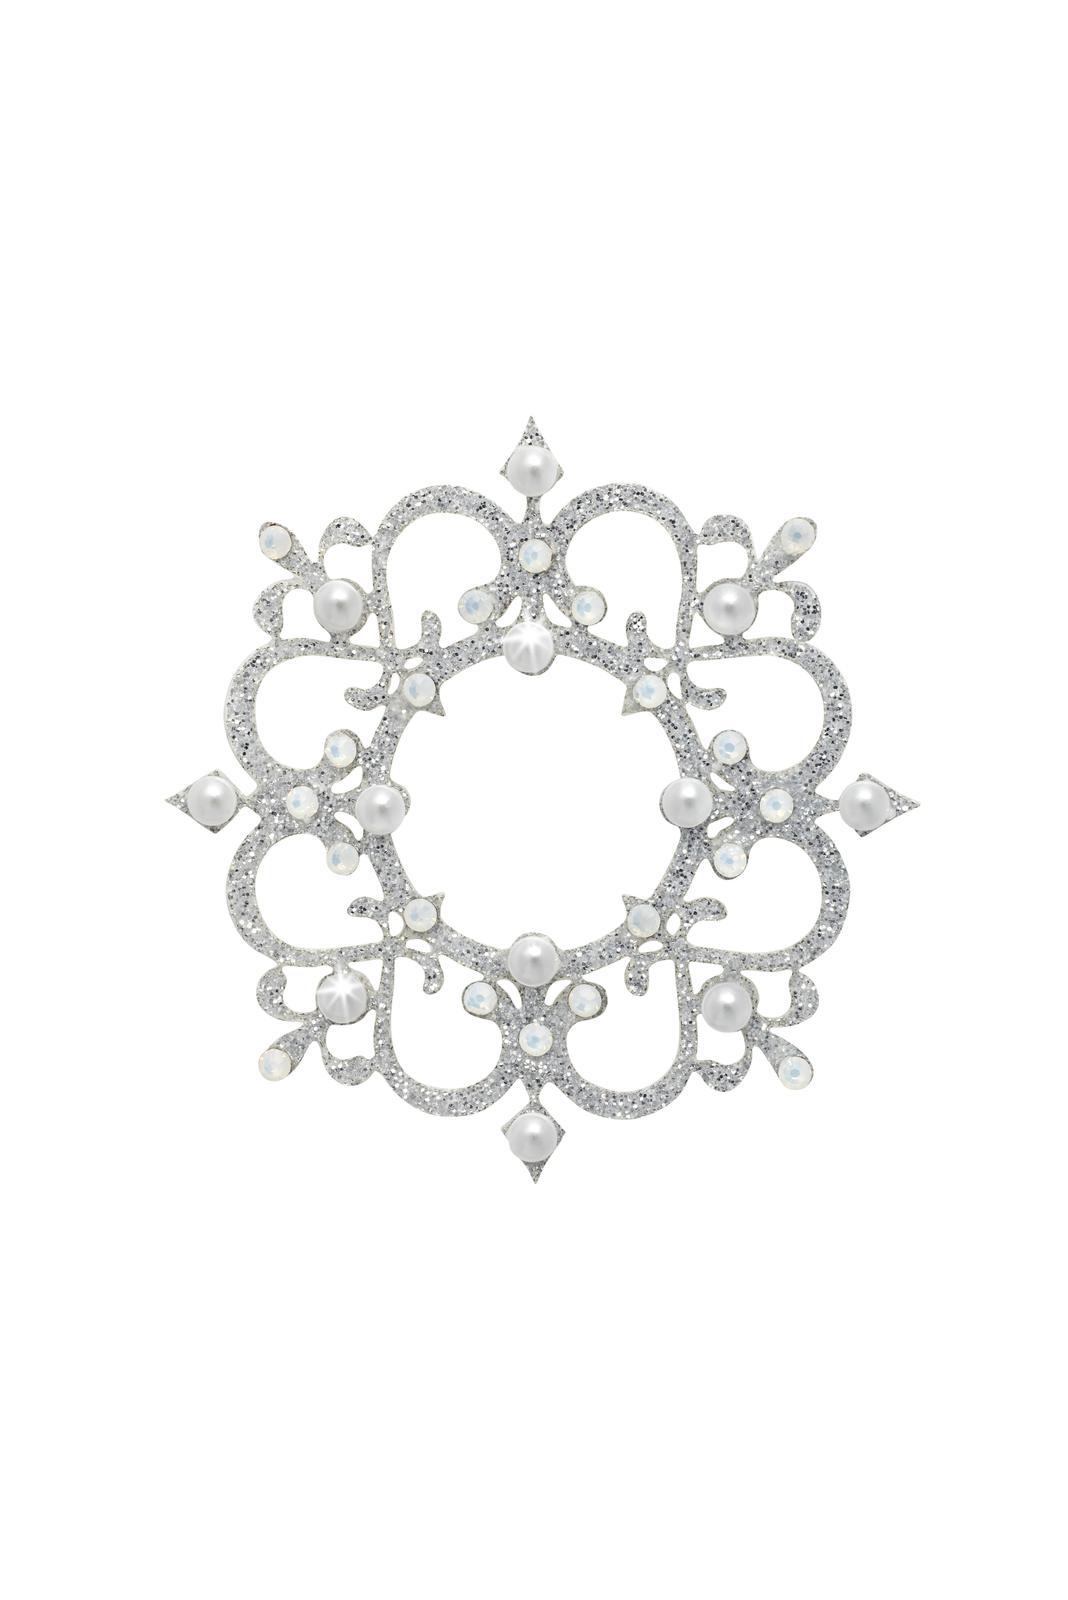 Svatba-eshop - Obrázek č. 156